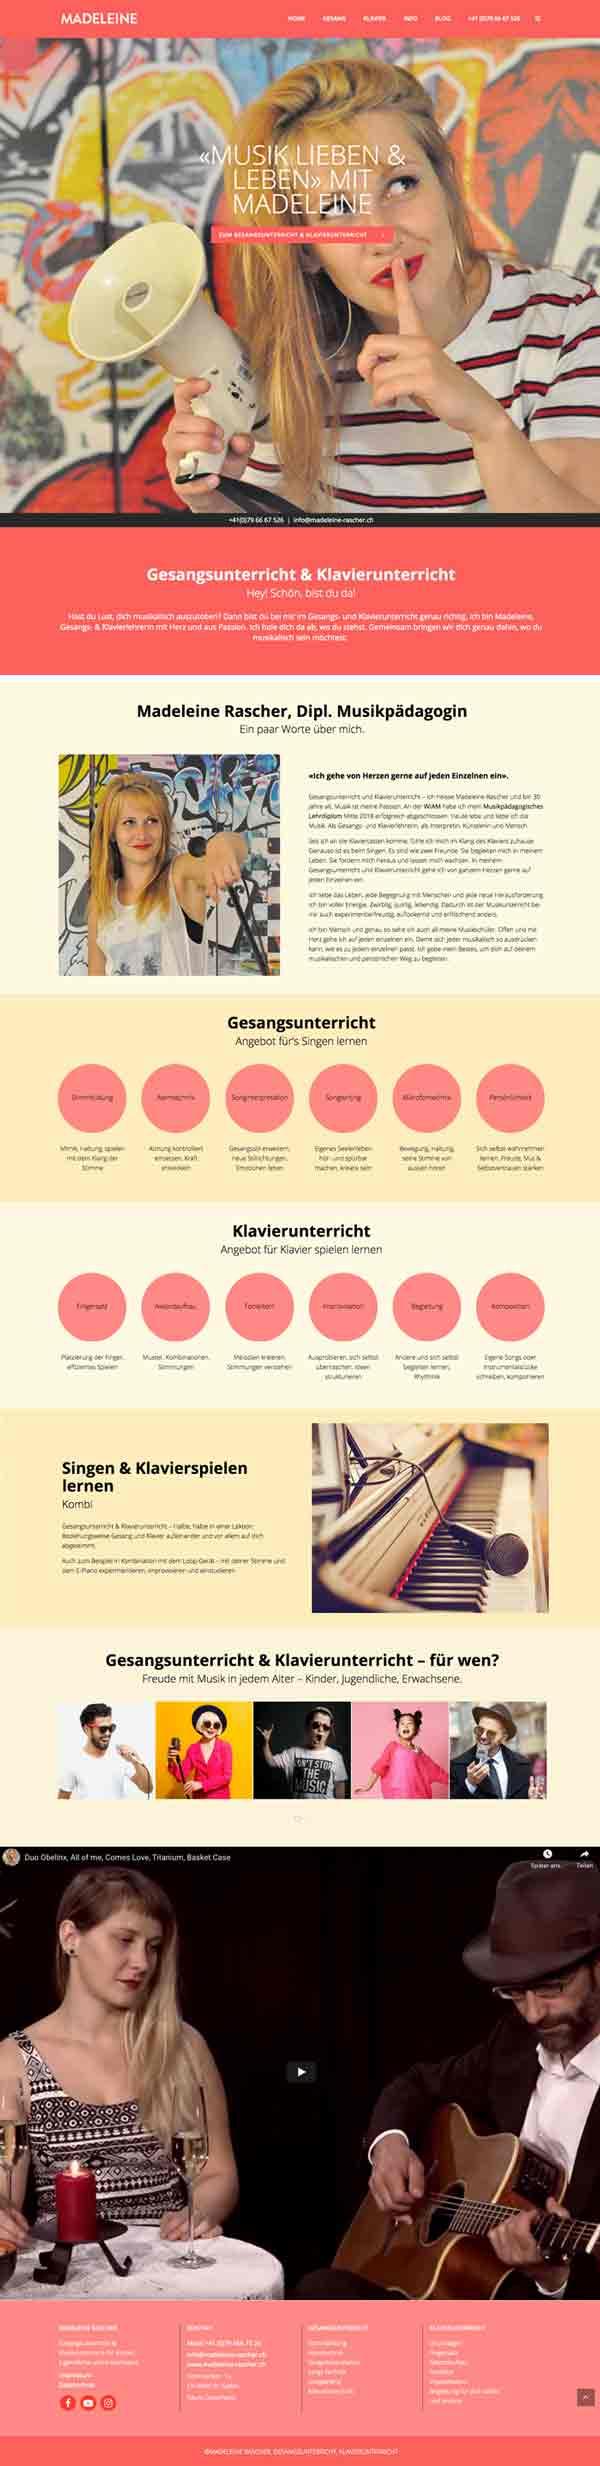 Web Agentur – Als Marken & Web Agentur München realisieren wir für Sie ganzheitliche Webauftritte. Neben Markenstrategie, Marketingkonzept und Markendesign bieten wir Ihnen auch Online Marketing. Damit platzieren wir Ihre Webseite und Ihren Webshop mit Top Rankings.